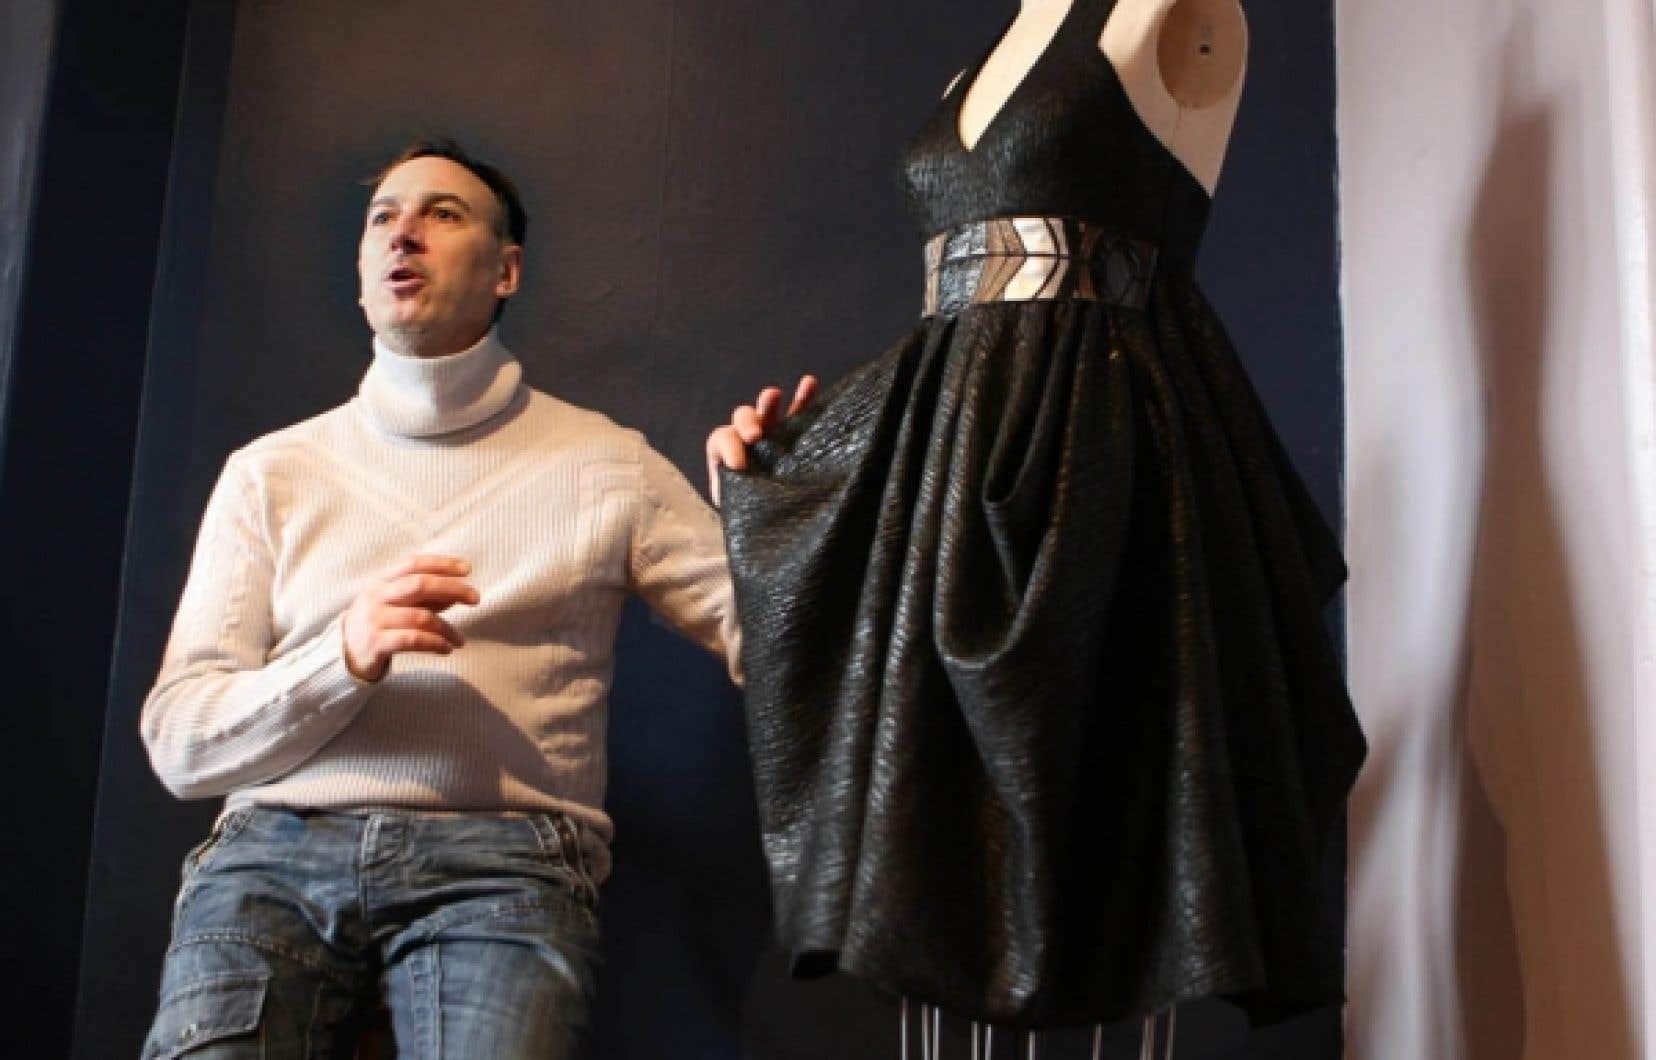 Pour le designer Christian Chenail, de la griffe Muse, il est devenu primordial de se recentrer et de proposer des collections à travers ses propres points de vente, les boutiques multimarques disparaissant les unes après les autres.